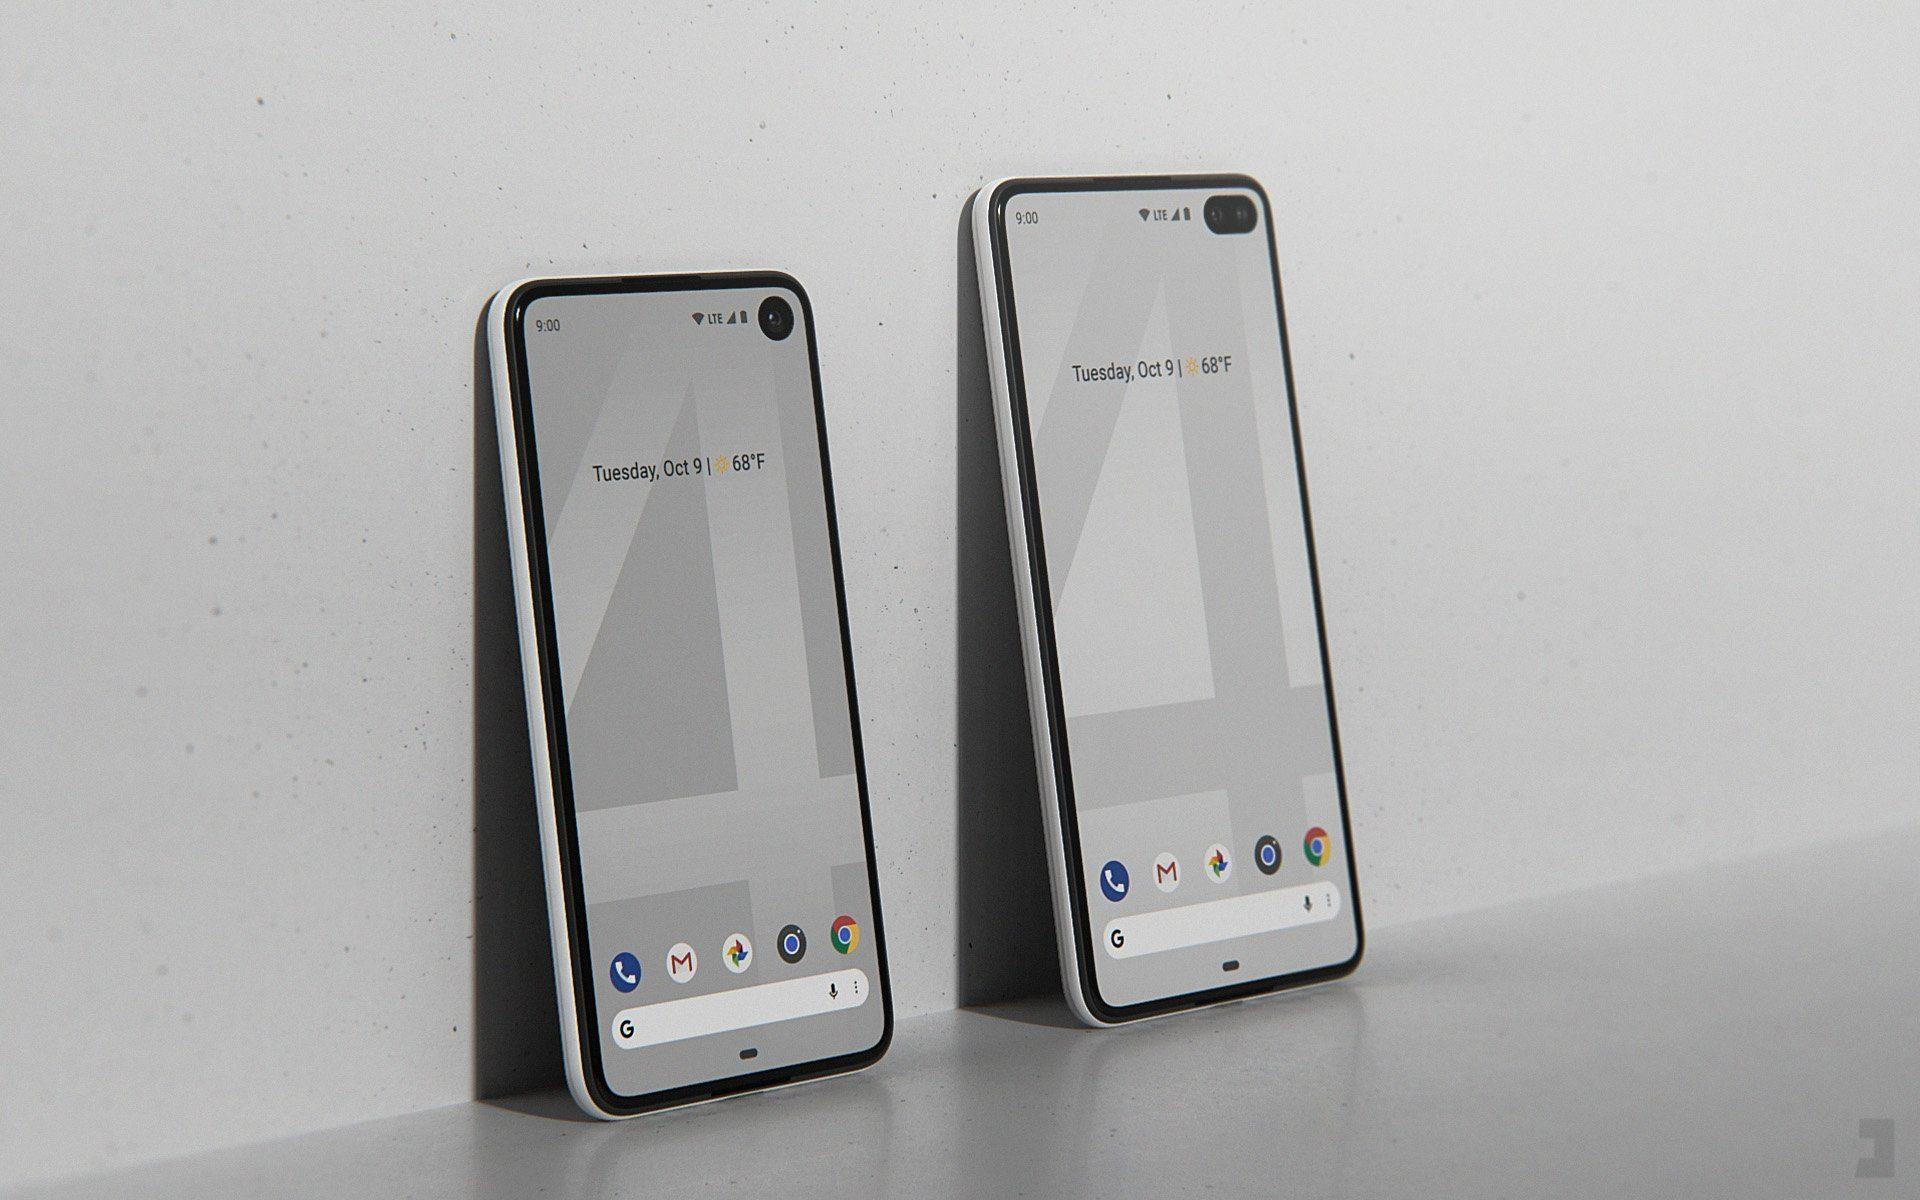 Pixel 4 e Pixel 4 XL: ecco come saranno secondo i primi rumor